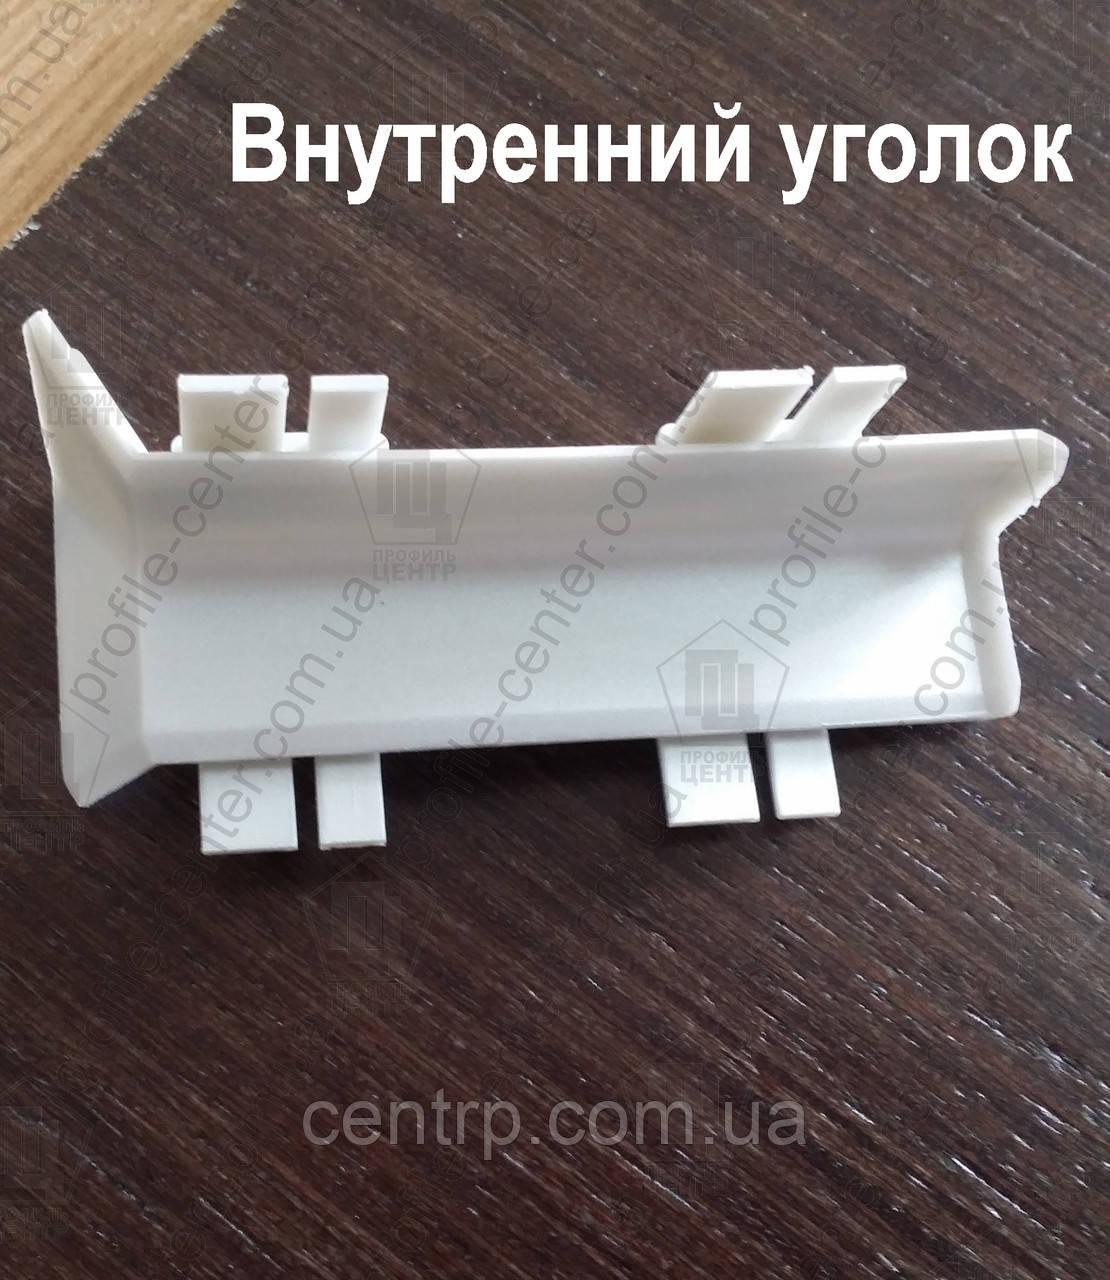 Внутрішній куточок (поліпропіленовий) для плінтуса Profilpas Metal Line 95/